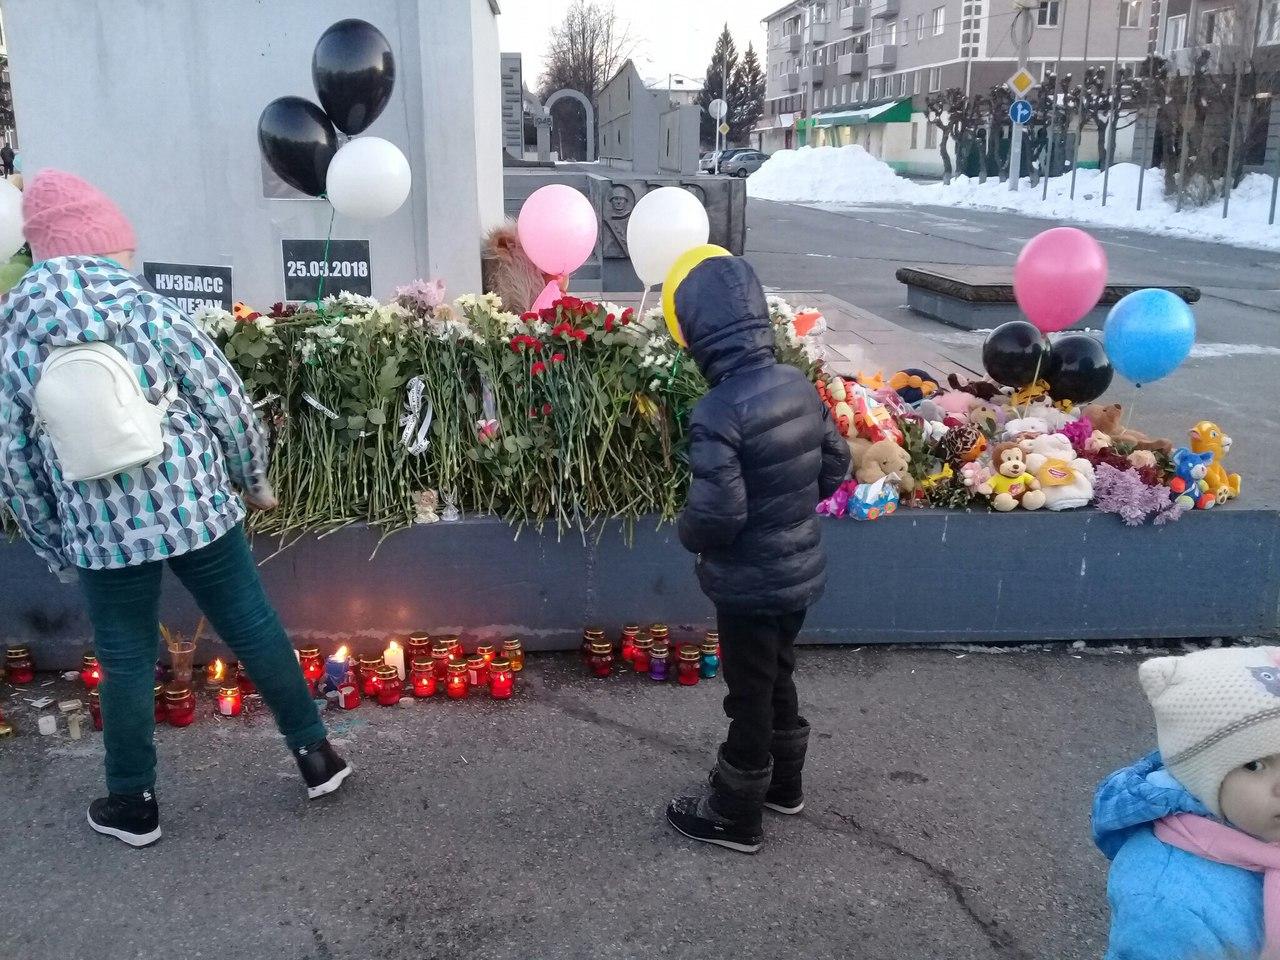 R JfU8qY S8 - #Кемерово,БеловоСВами! Жители города Белово, Кемеровской области тоже не остались равнодушными.